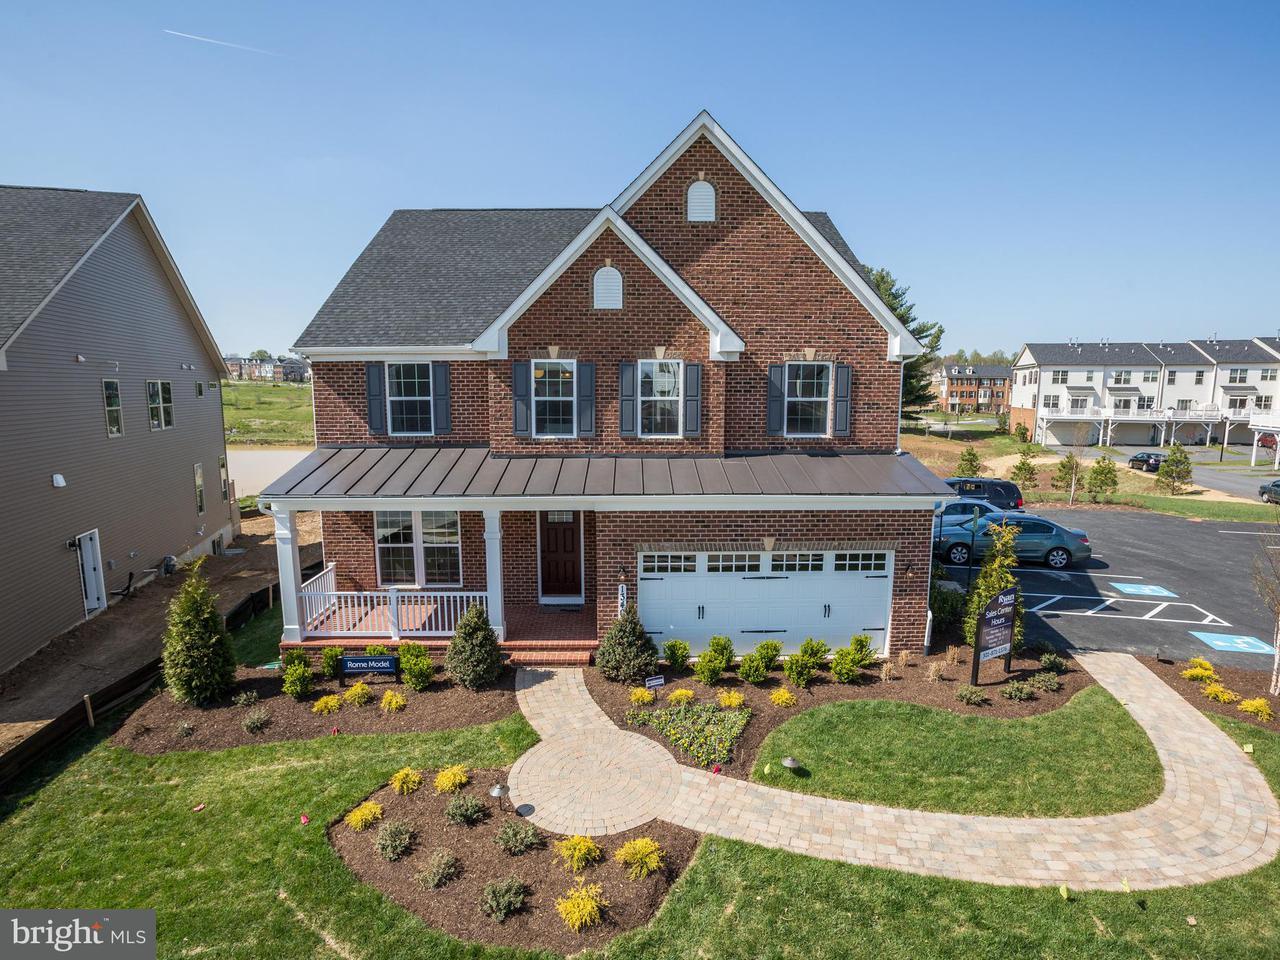 Vivienda unifamiliar por un Venta en 4206 CAMBERWELL Lane 4206 CAMBERWELL Lane Burtonsville, Maryland 20866 Estados Unidos